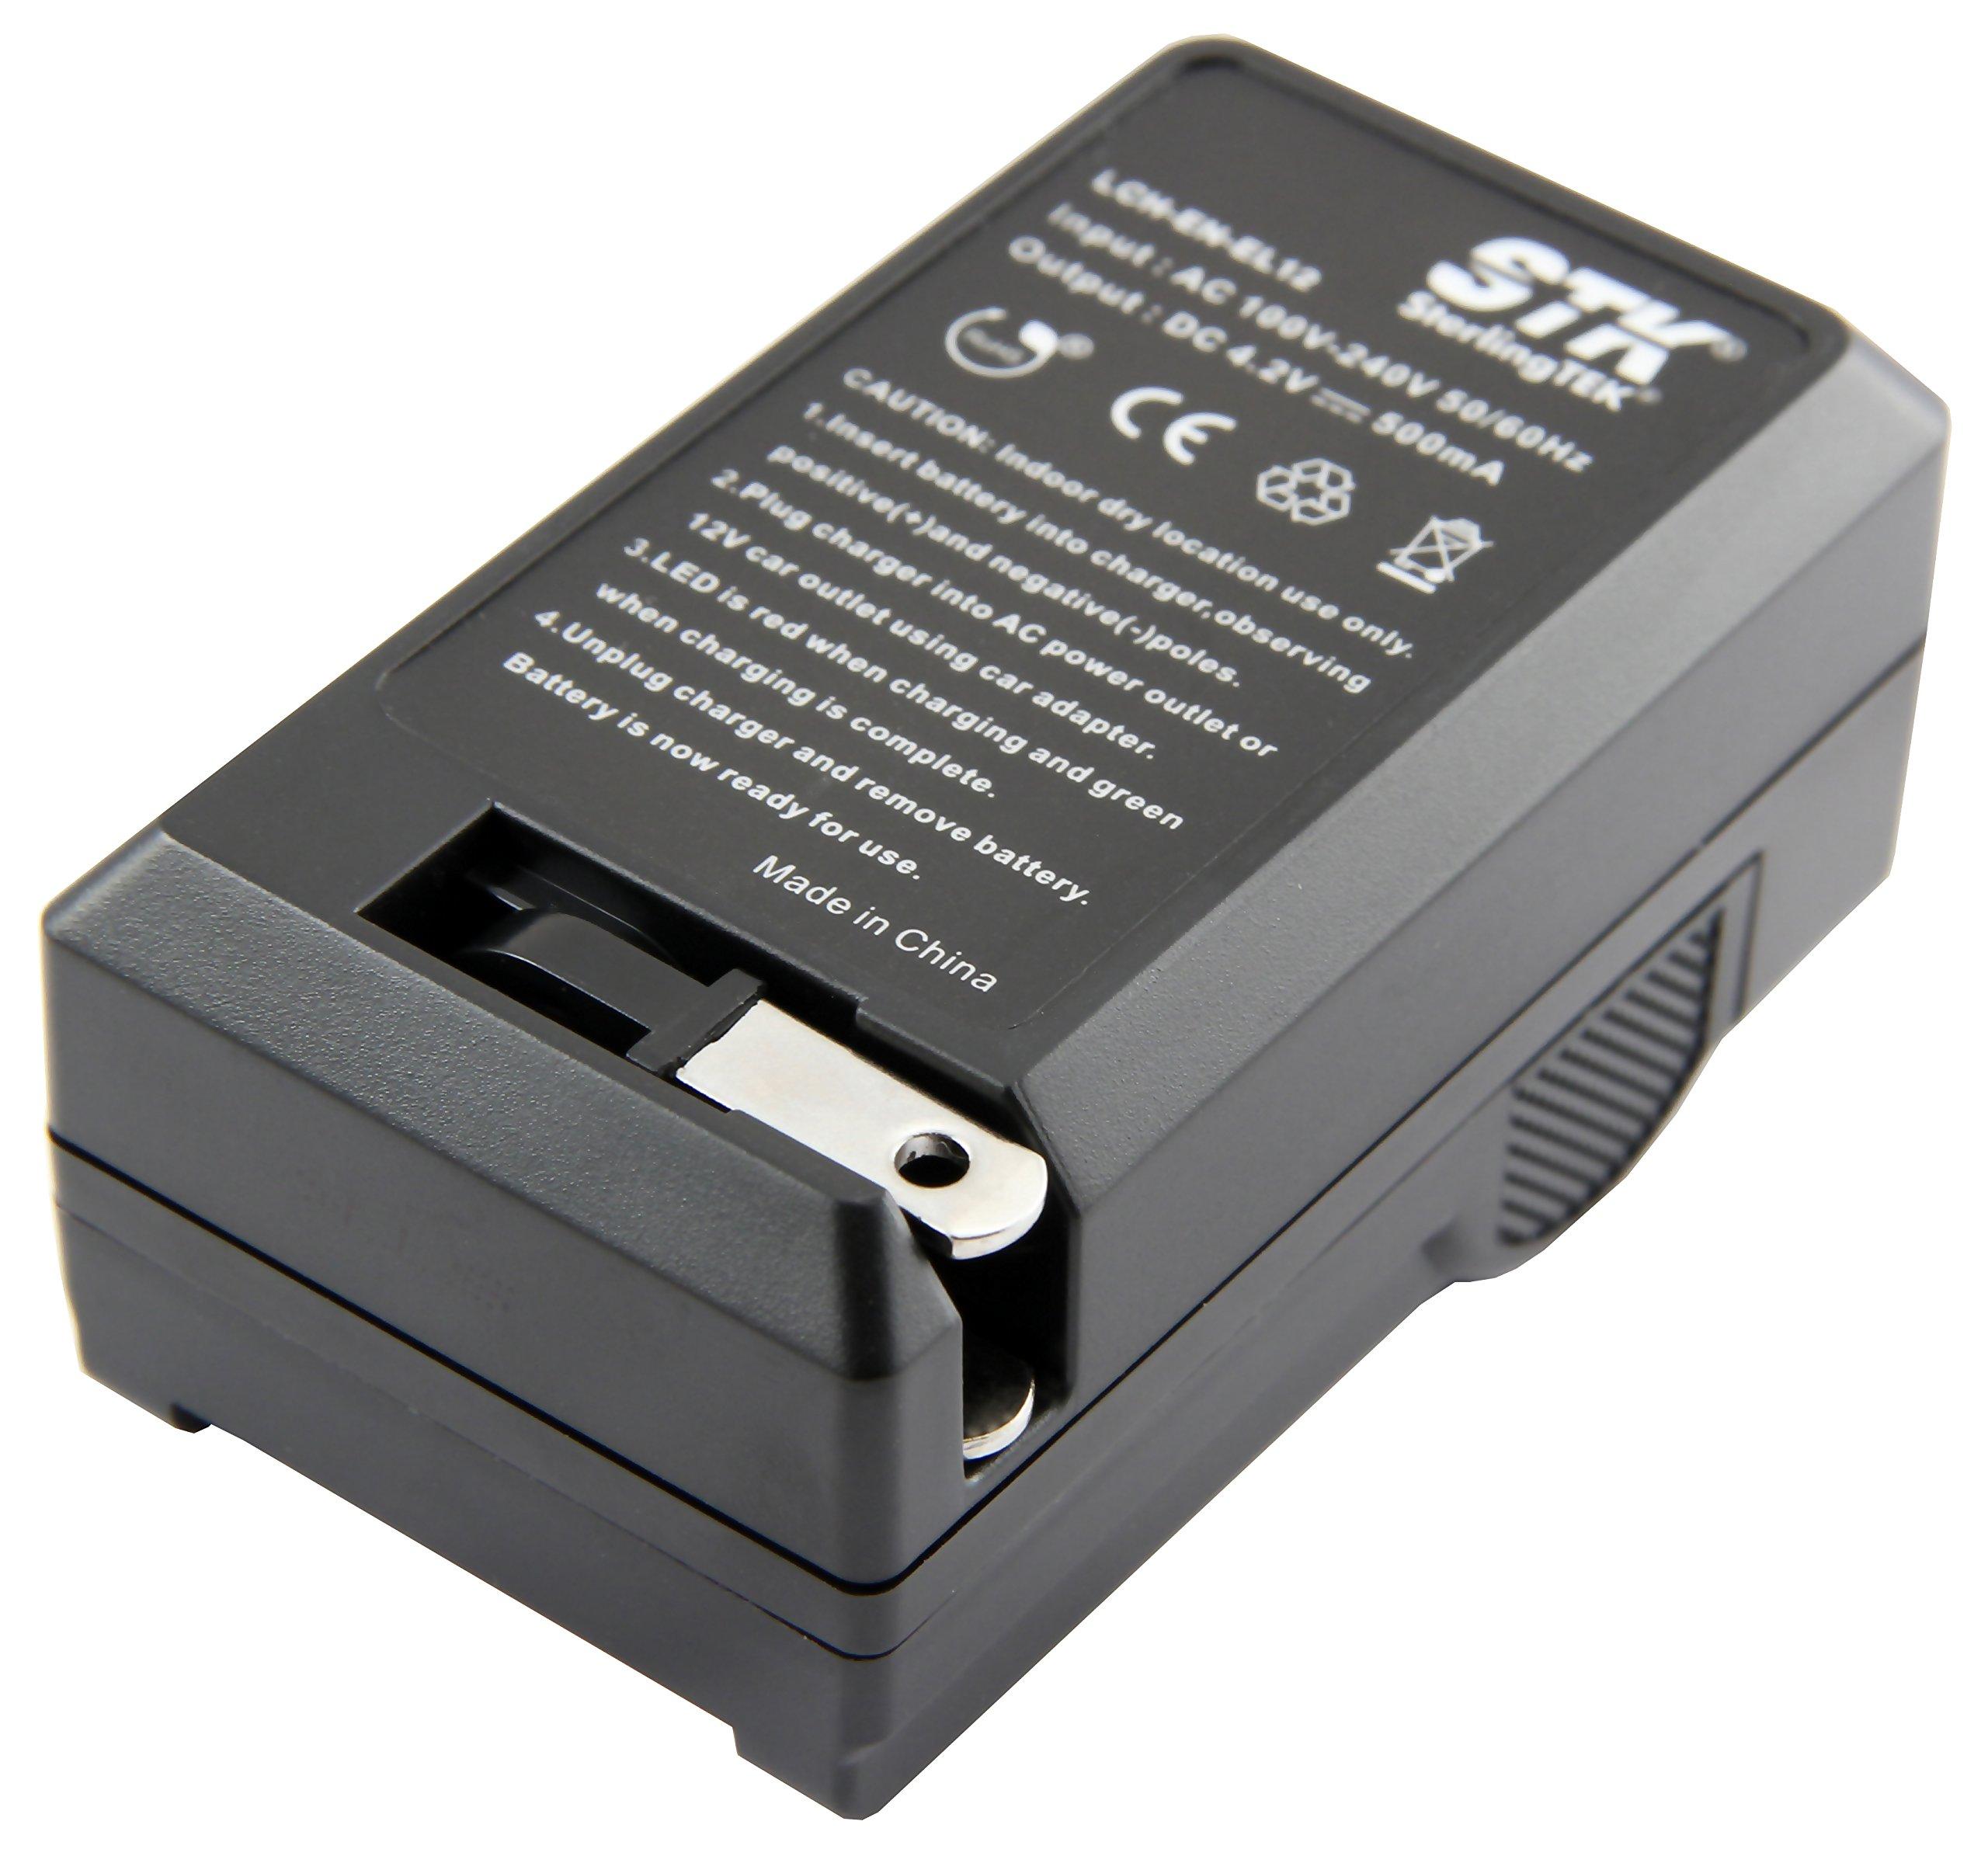 USB//Auto//Secteur S31 S8200 Chargeur S610c EN-EL12 pour Nikon Coolpix A900 liste P340 S9900 AW130 v